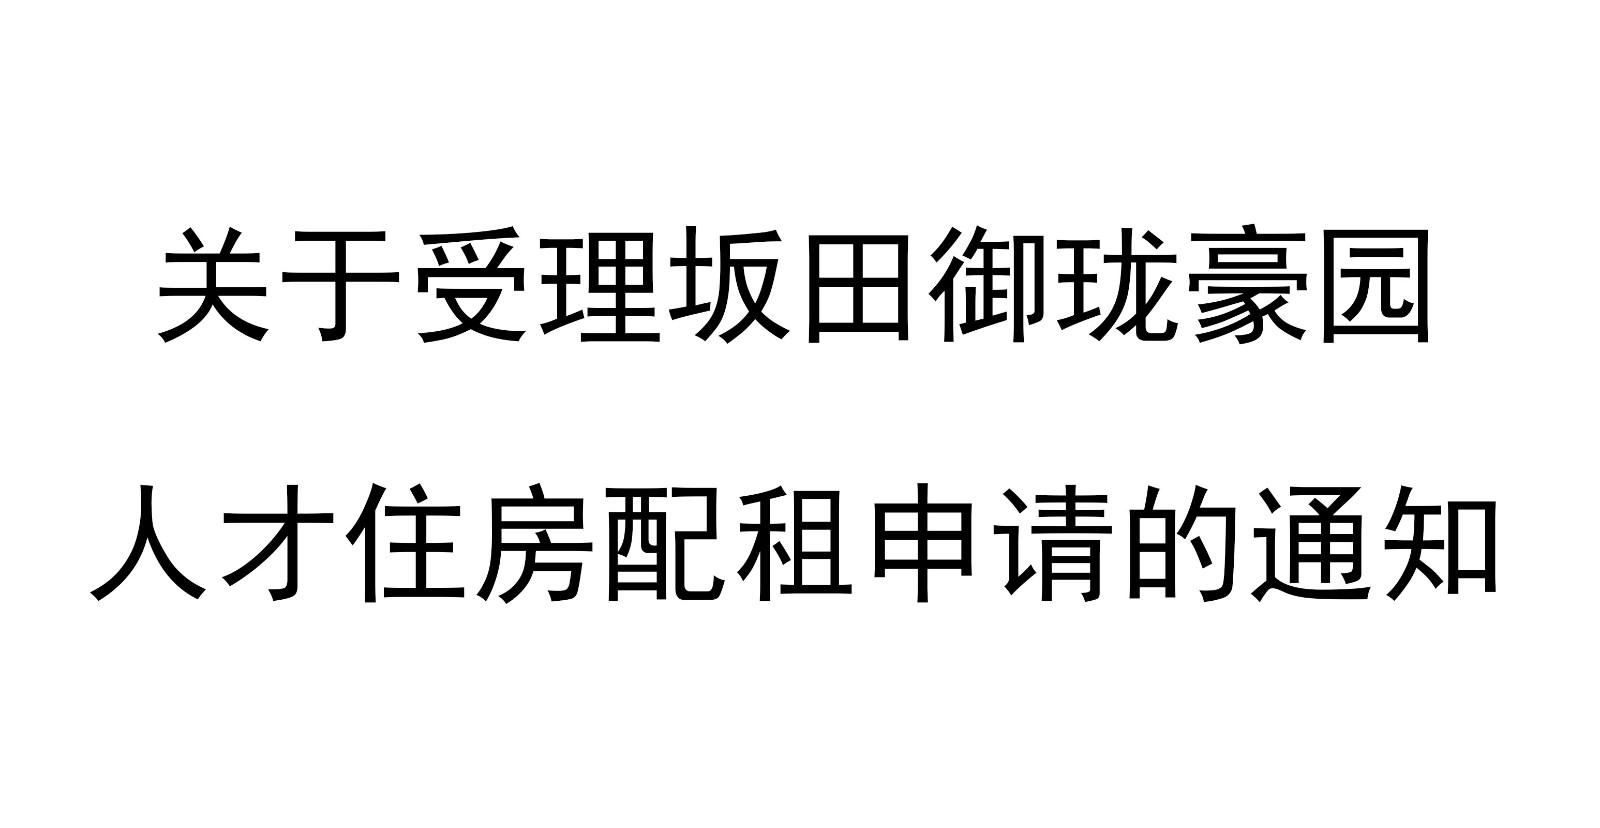 关于受理坂田御珑豪园人才住房配租申请的通知